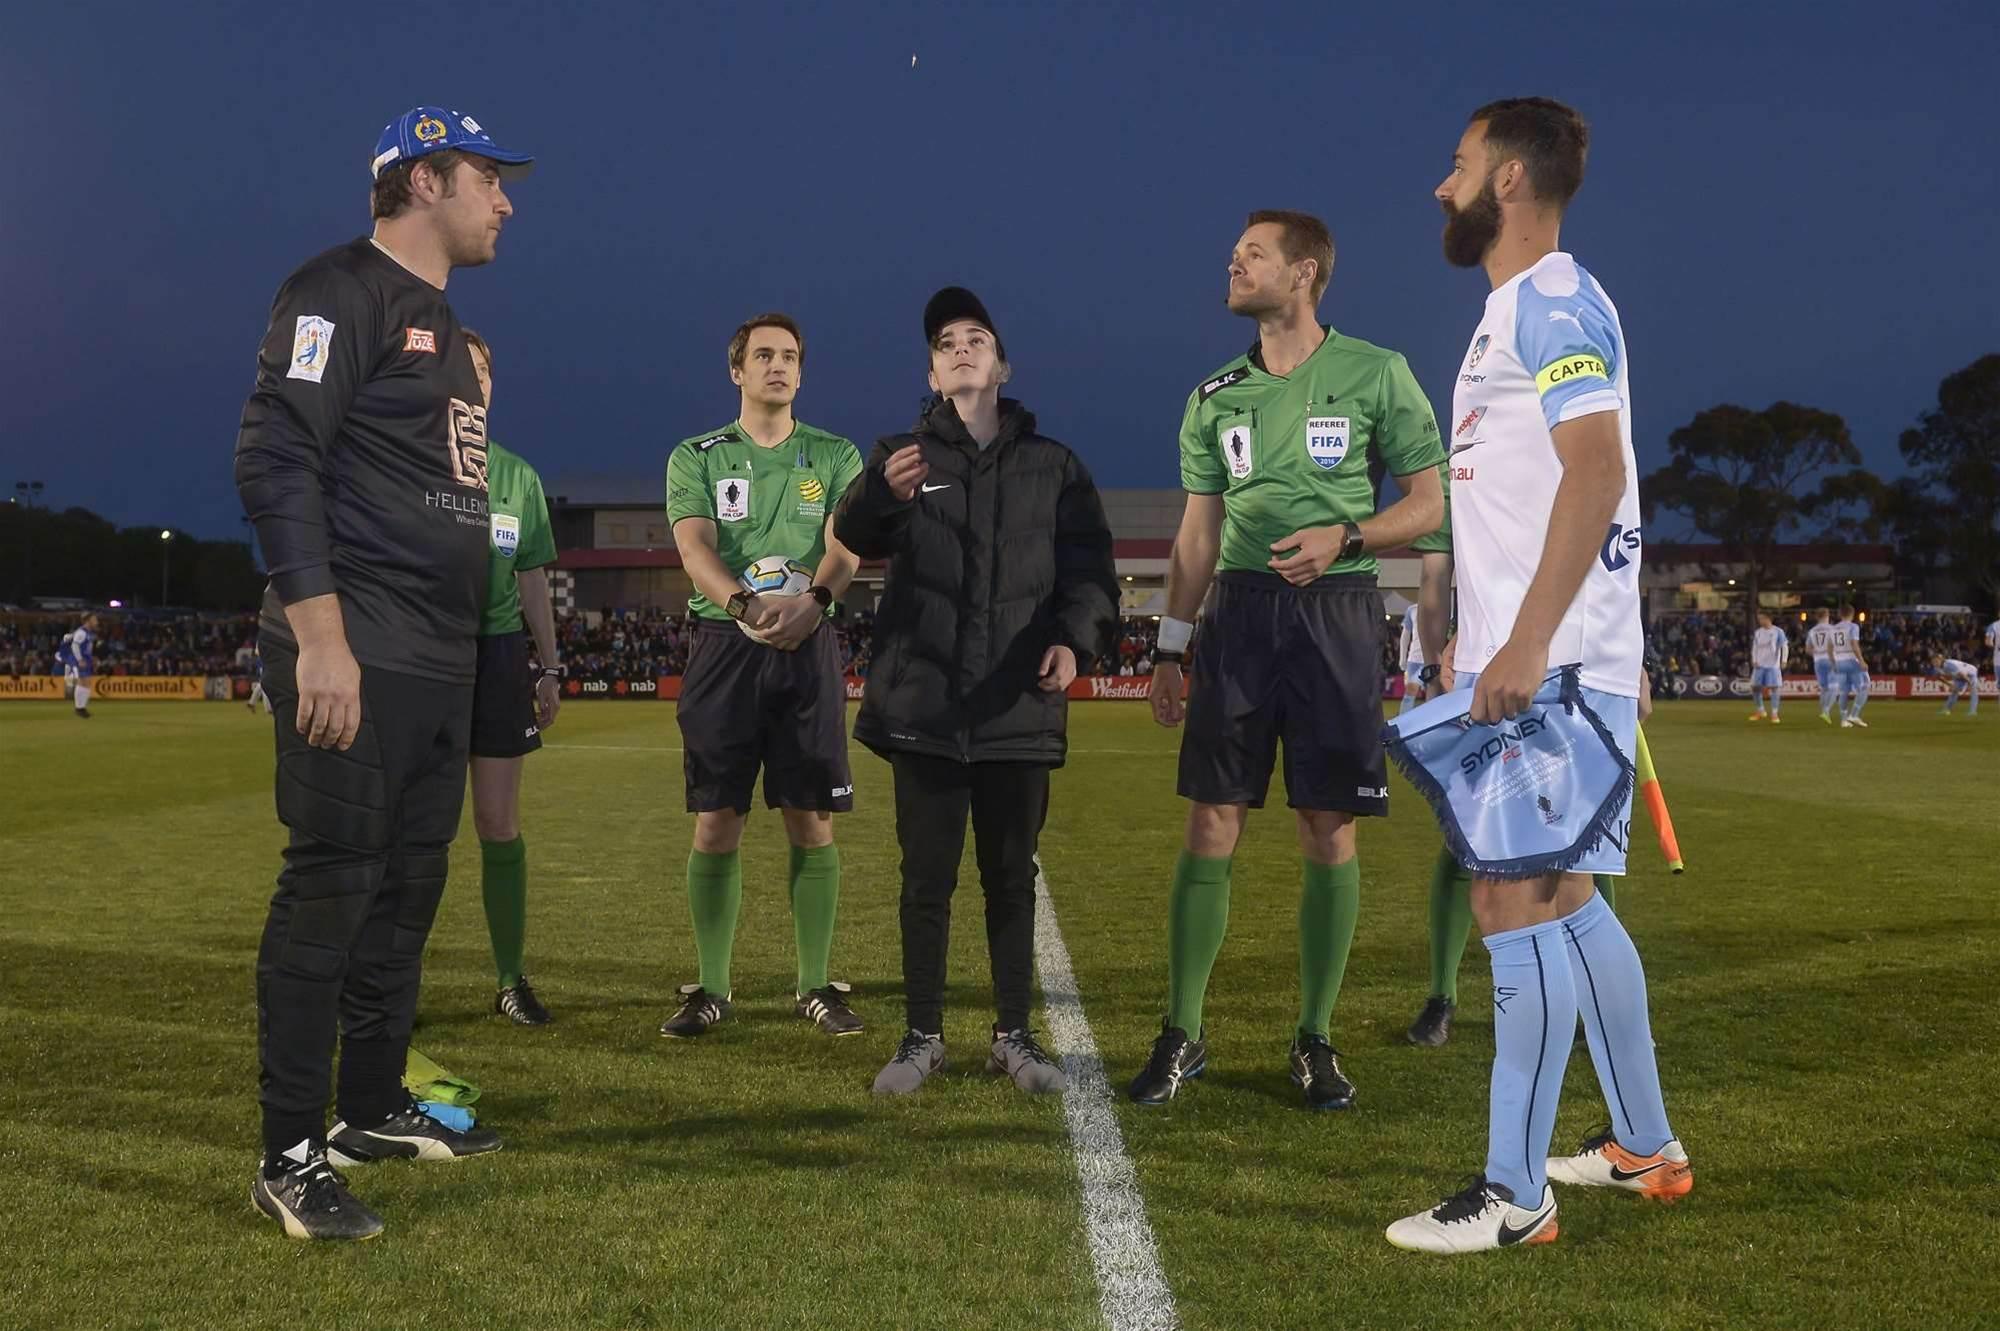 Canberra Olympic v Sydney FC match action